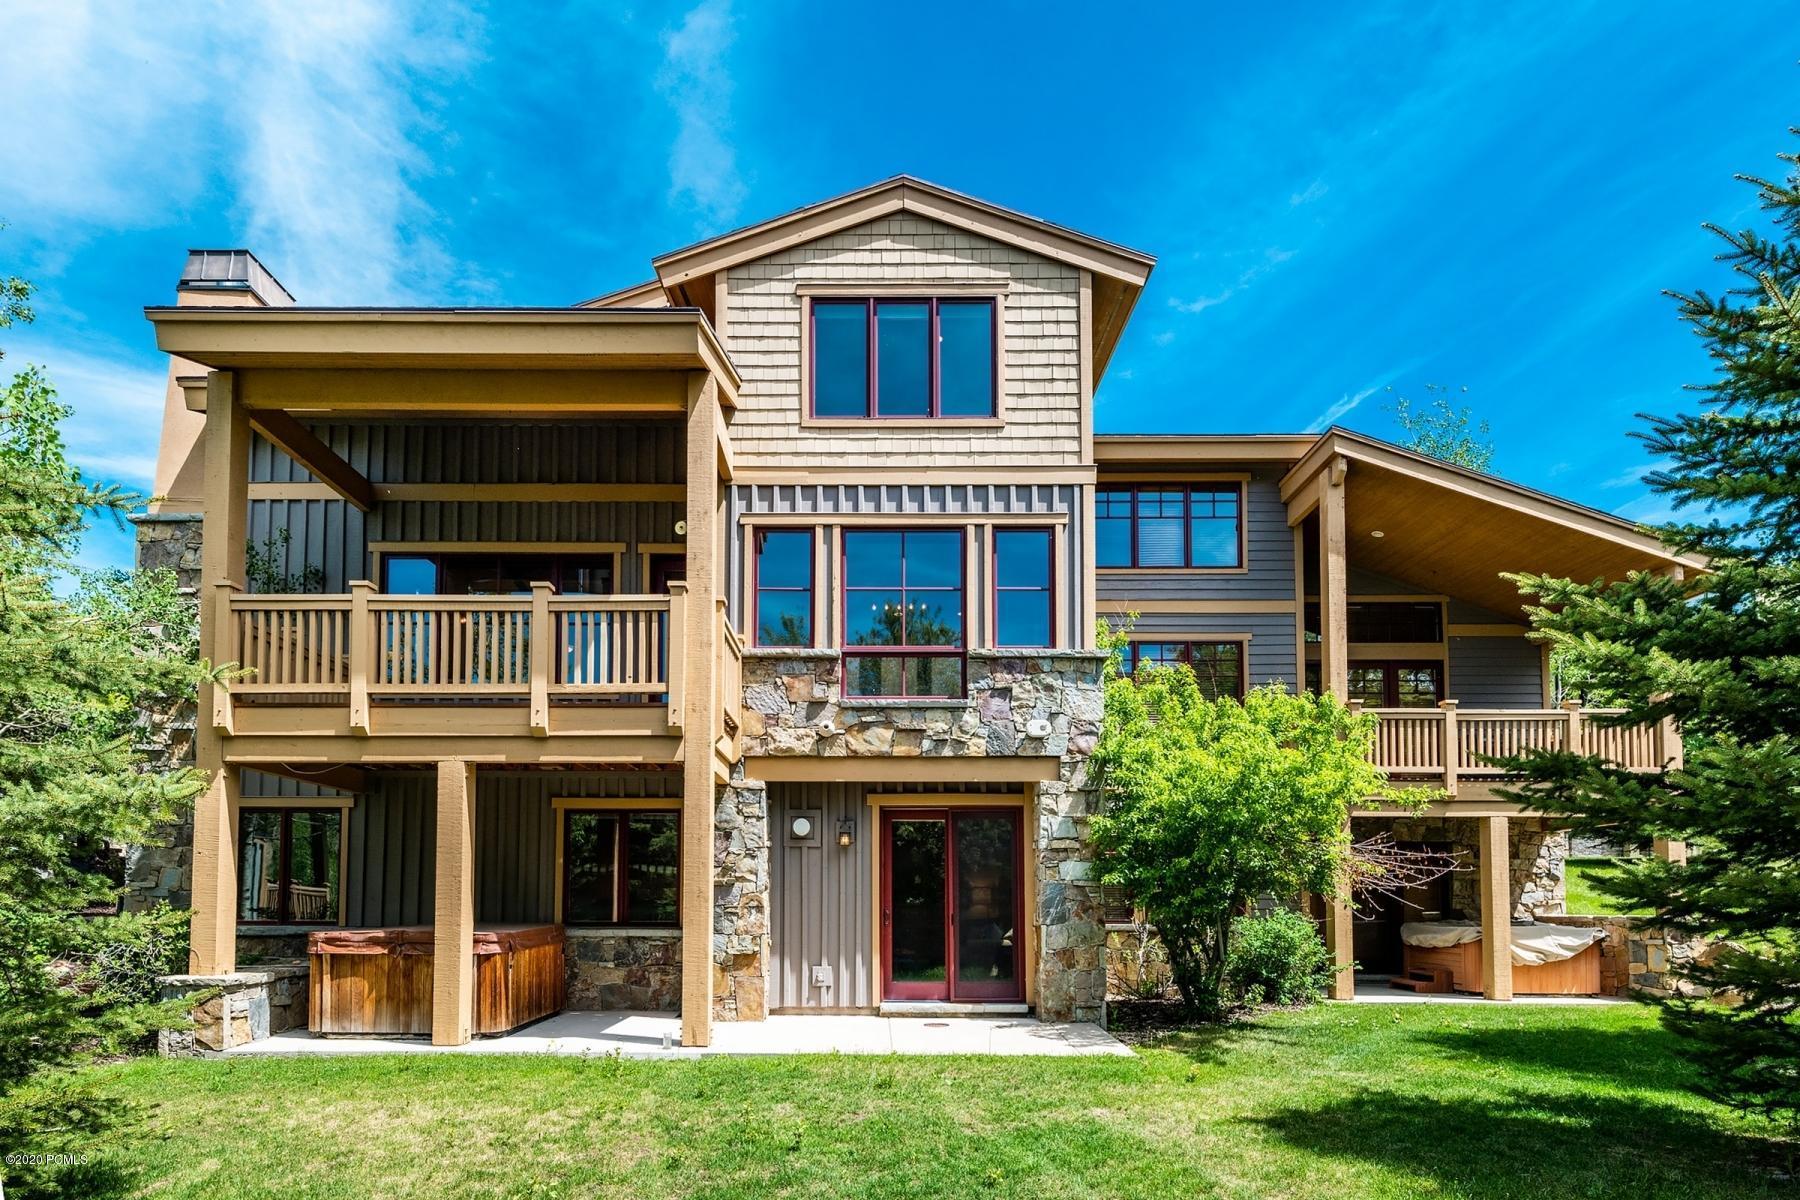 1460 Seasons Drive, Park City, Utah 84060, 5 Bedrooms Bedrooms, ,4 BathroomsBathrooms,Condominium,For Sale,Seasons,20190109112430415765000000